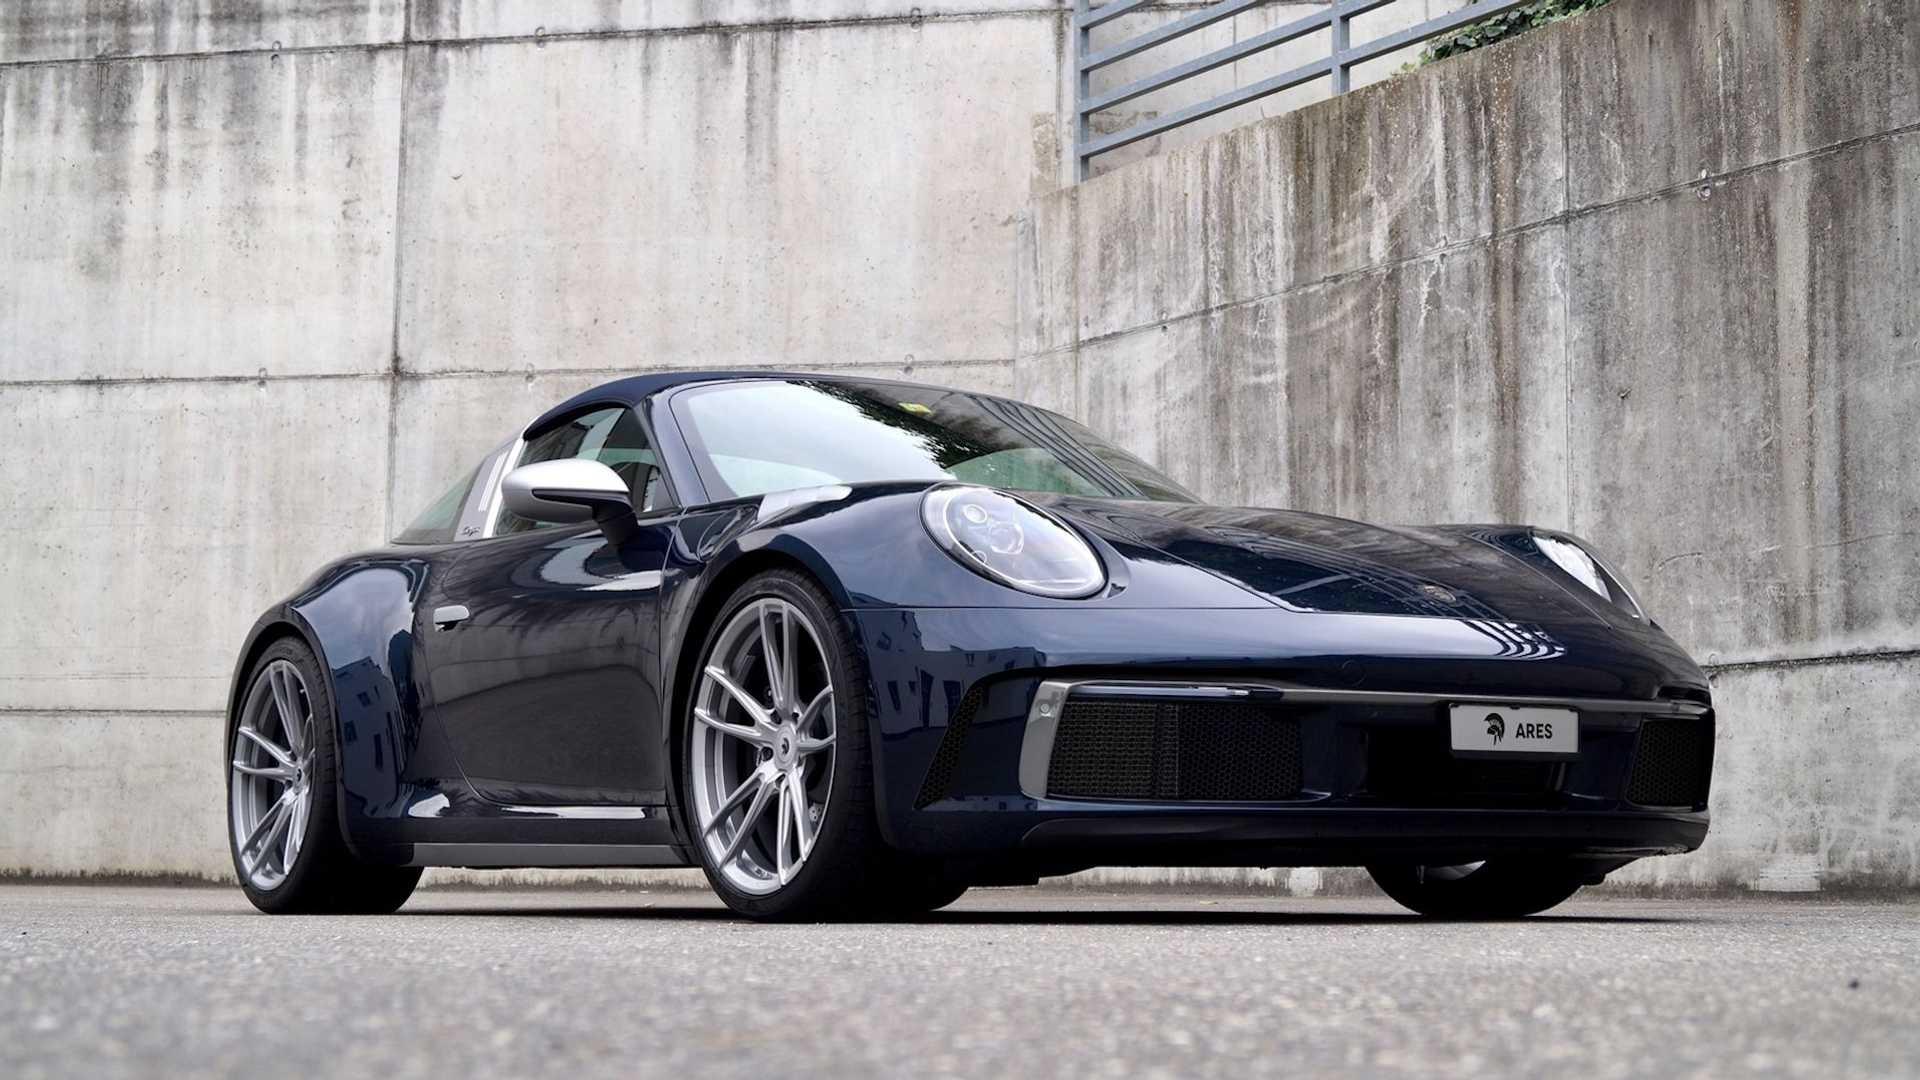 Доработка спорткаров Porsche в кузове тарга – пожалуй, самое интересное направление работы тюнинг-ателье Ares Design из Италии. Нам уже доводилось видеть настоящие произведения искусства на базе 964 Targa и 991 GT3 Targa, а теперь подоспело время и новейшей модели с индексом 992.